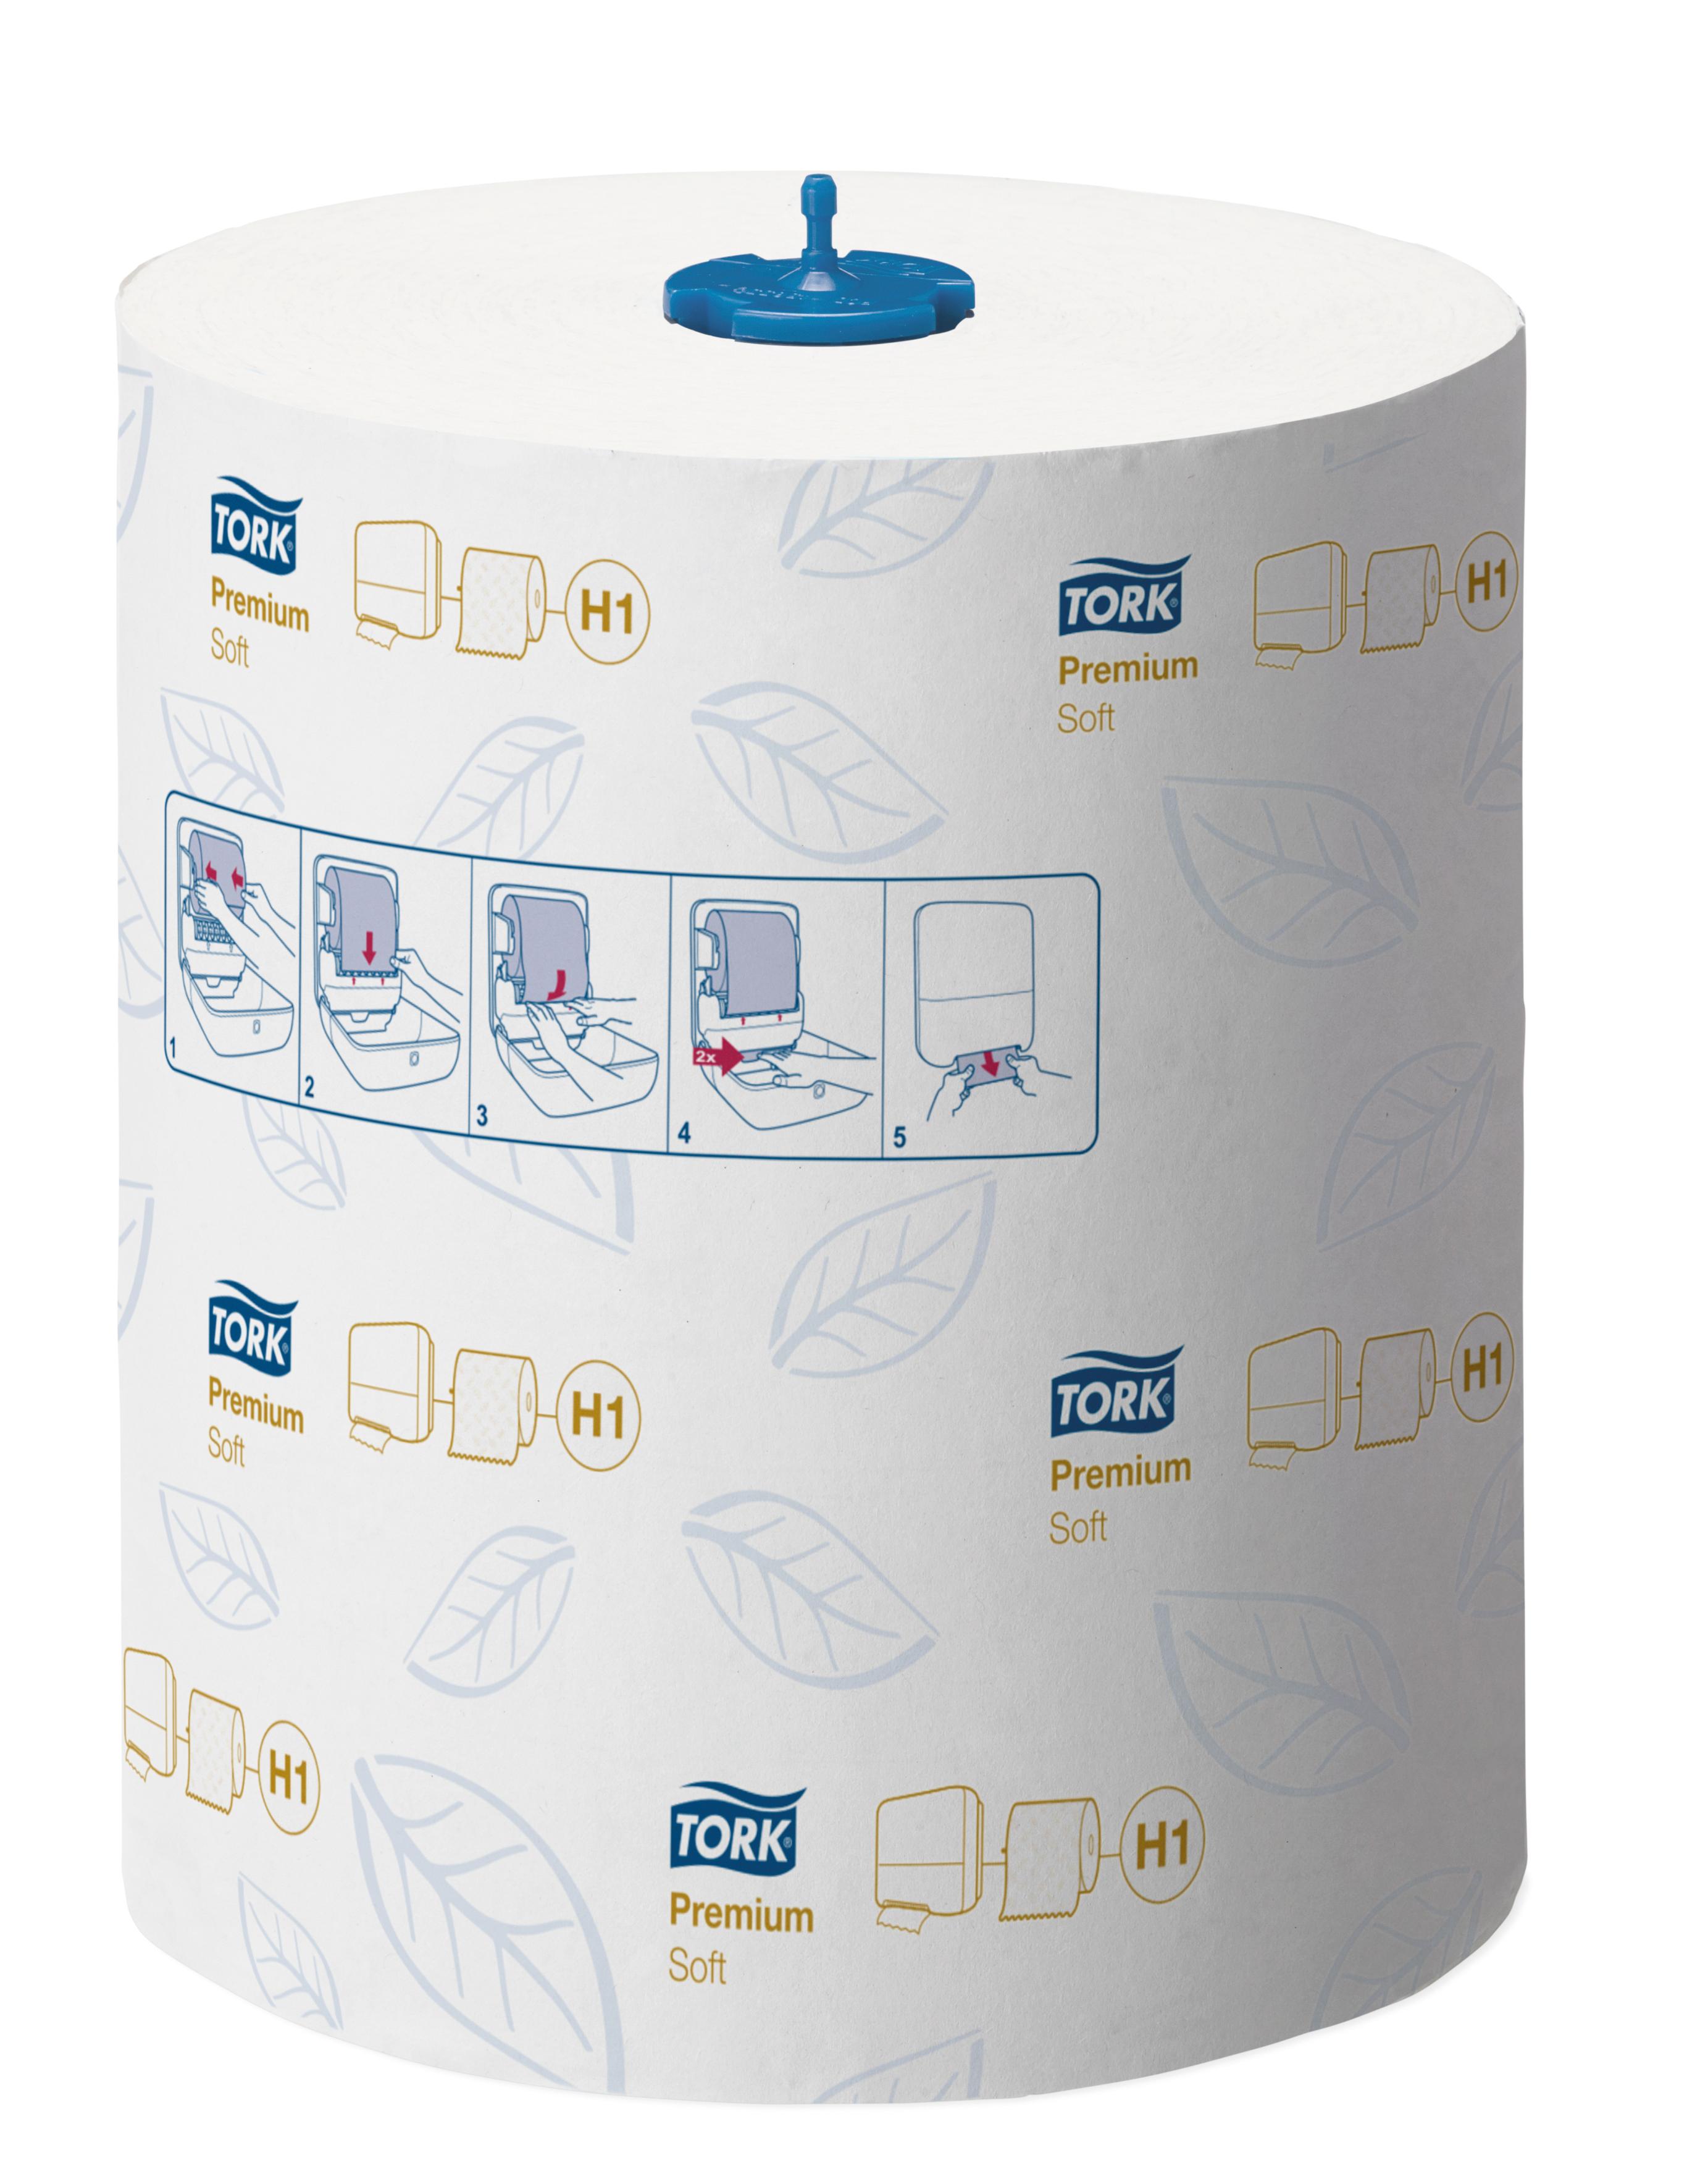 Tork Matic Premium Soft H1 Rollenhandtuch 2-lagig, 6 Rollen á 408 Tücher, Außenabrollung, weiß, 21 cm x 100 m